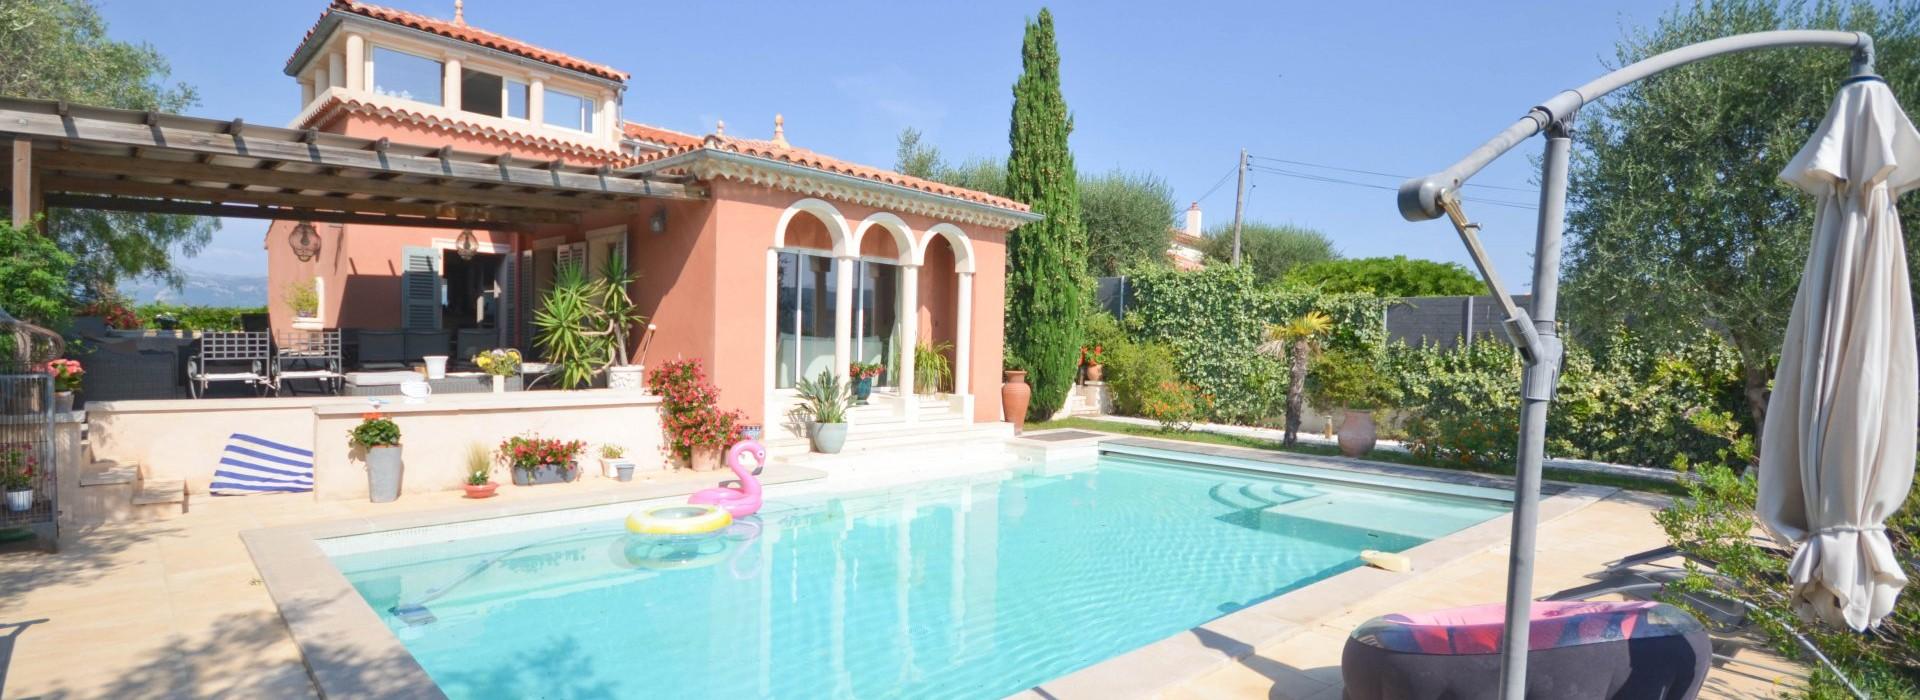 Maison Nice 6 Pièces 240m2 1,075,000€